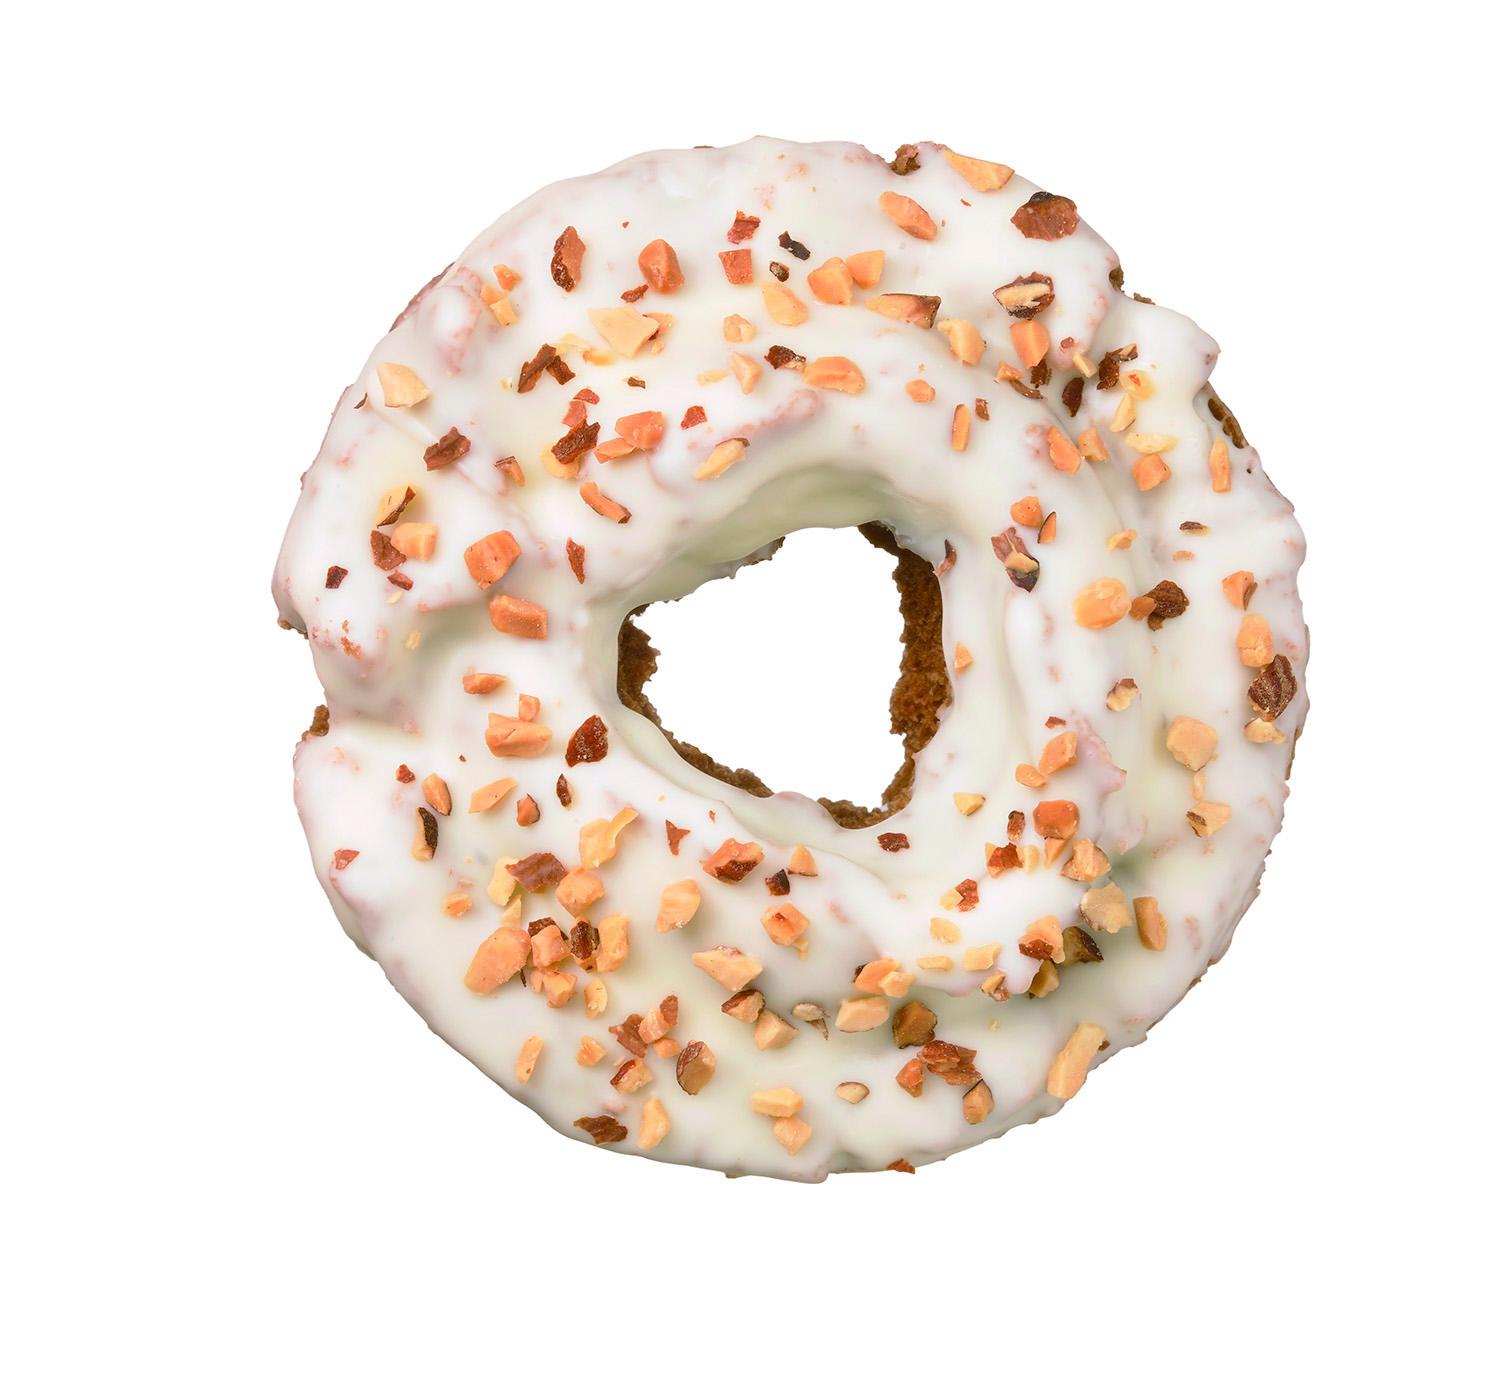 『クリスピー・クリーム・ドーナツ』の新作は、お茶×フルーツ&ナッツが新鮮な「和茶ドーナツ」♡ _4